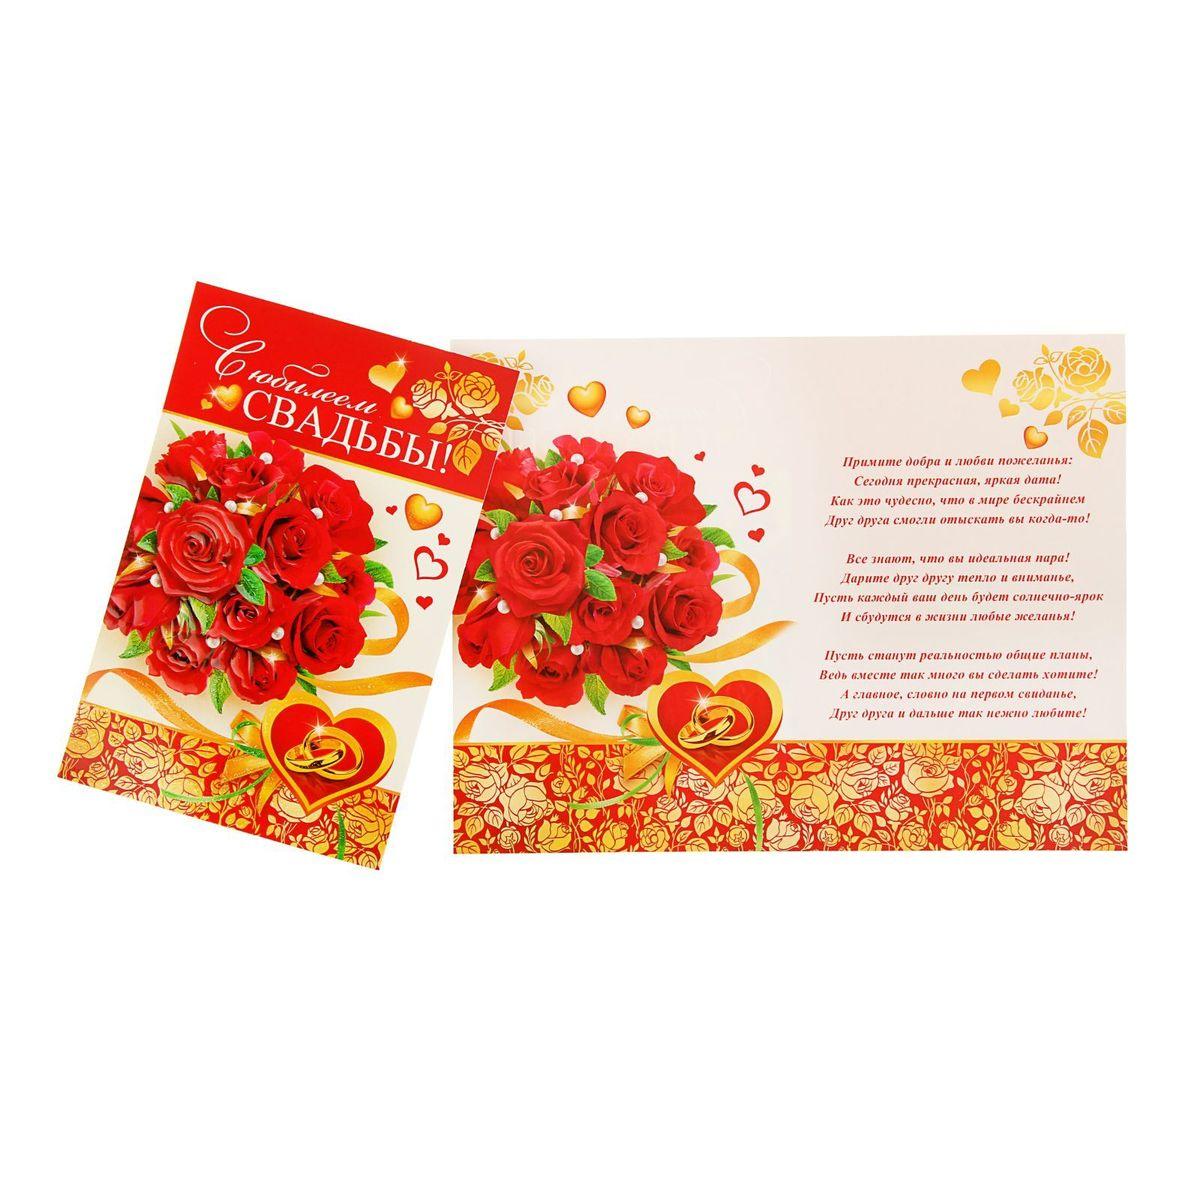 Открытка Мир открыток С юбилеем свадьбы!1185983Если вы хотите порадовать себя или близких, создать праздничное настроение и с улыбкой провести памятный день, то вы, несомненно, сделали правильный выбор! Открытка Мир открыток С юбилеем свадьбы!, выполненная из картона, отличается не только оригинальным дизайном, но и высоким качеством. Лицевая сторона изделия оформлена красивым изображением букета красных роз, дополнена тиснением золотистой фольгой и глиттером. Внутри открытка содержит текст с поздравлением. Такая открытка непременно порадует получателя и станет отличным напоминанием о проведенном вместе времени.